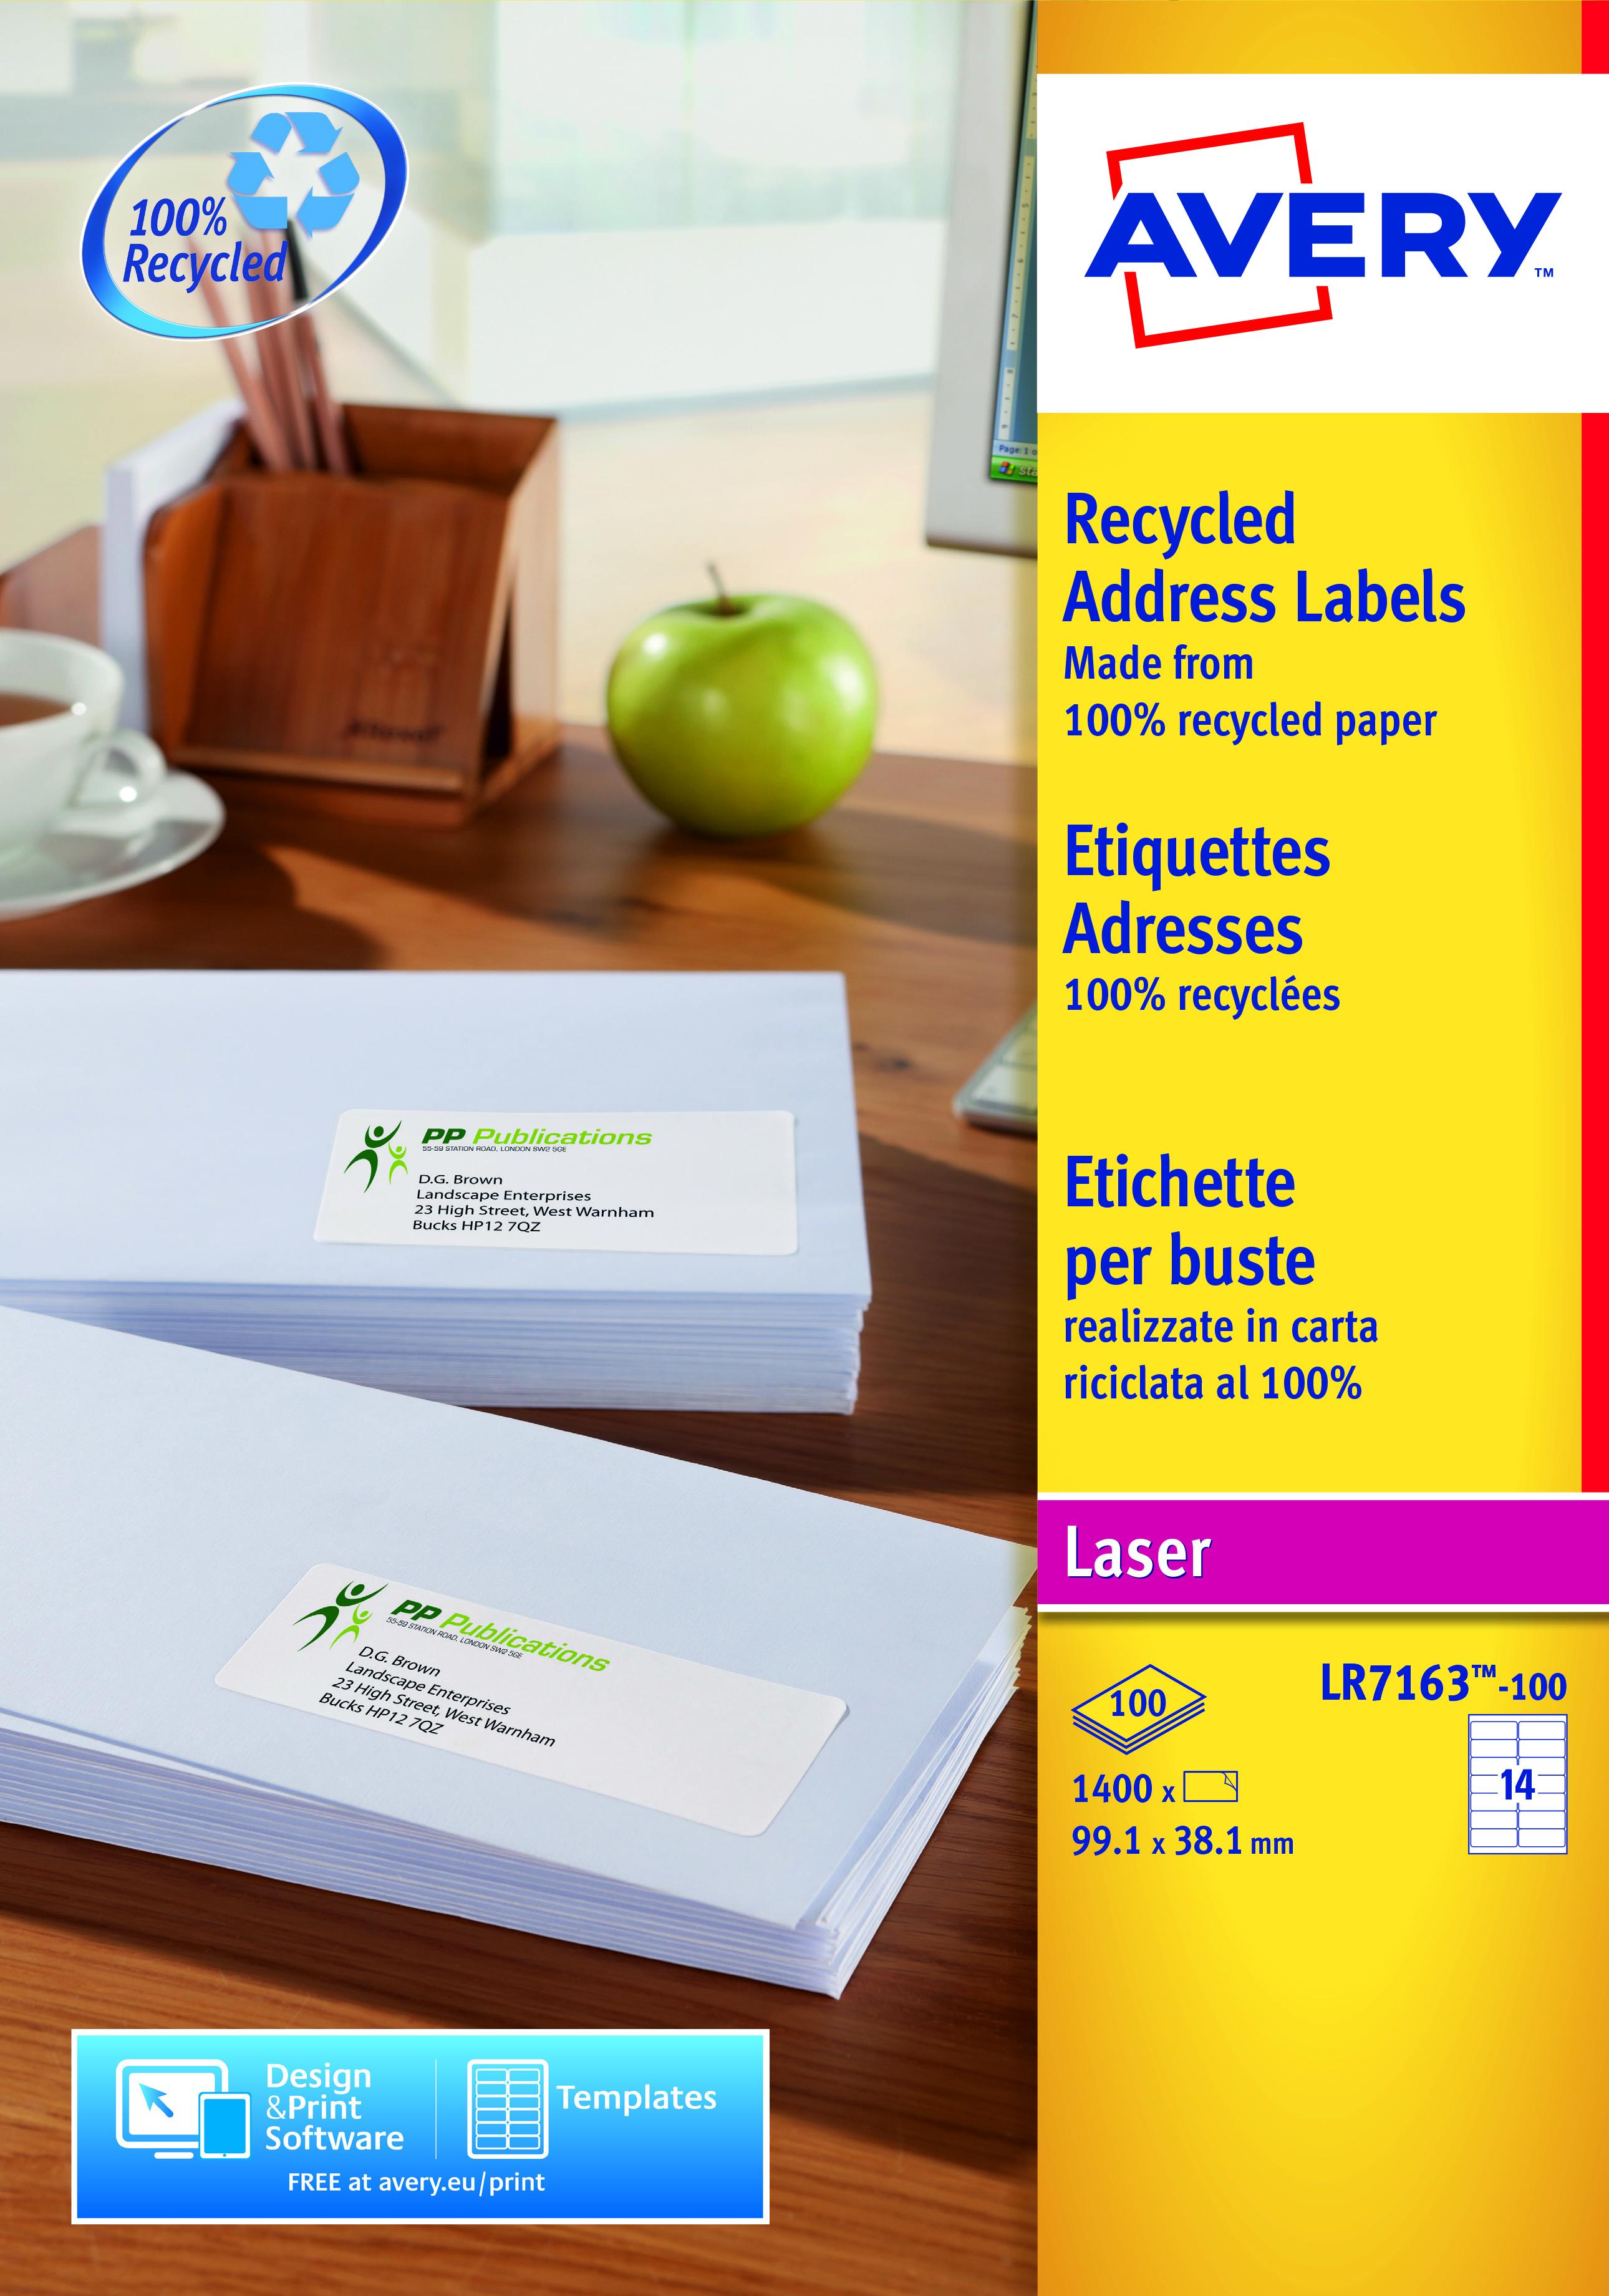 Avery LR7163-100 99.1x38.1mm Recycled Lbls 14 p/sheet PK1400